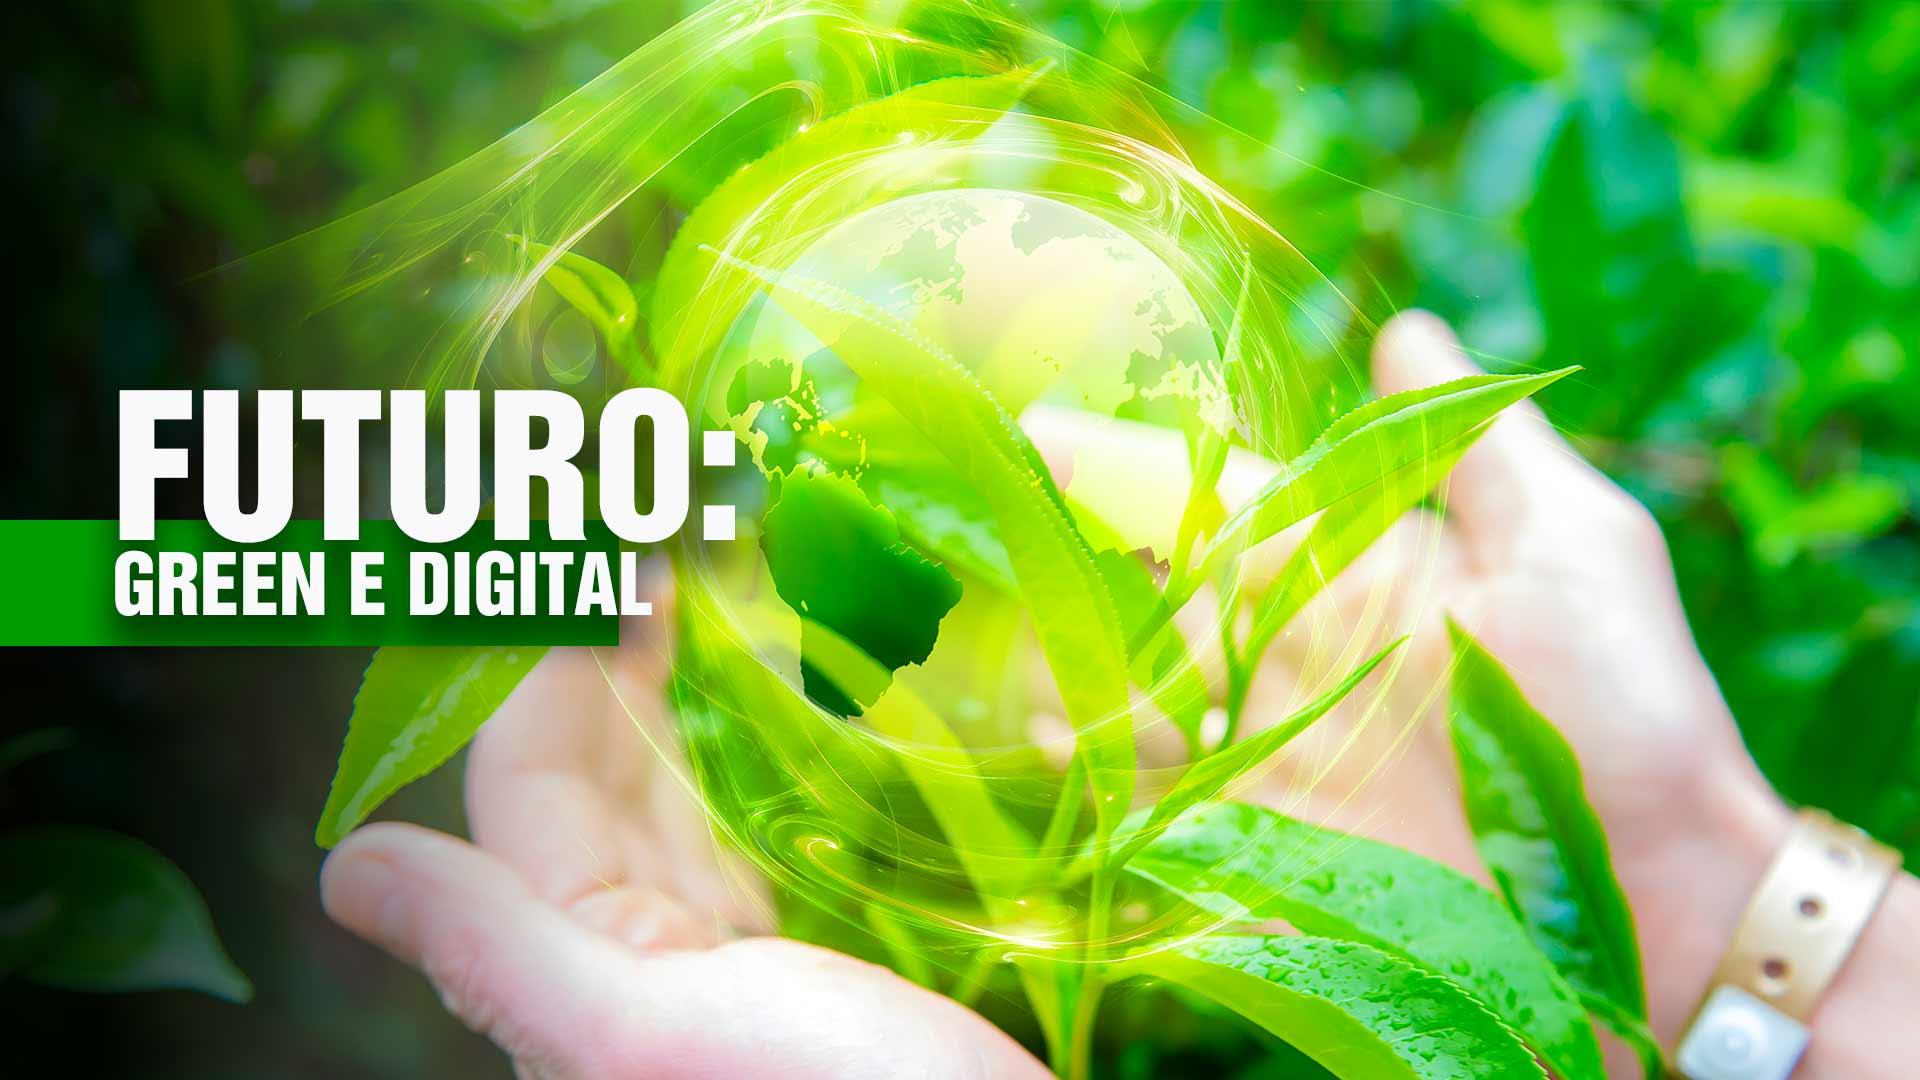 futuro green e digital